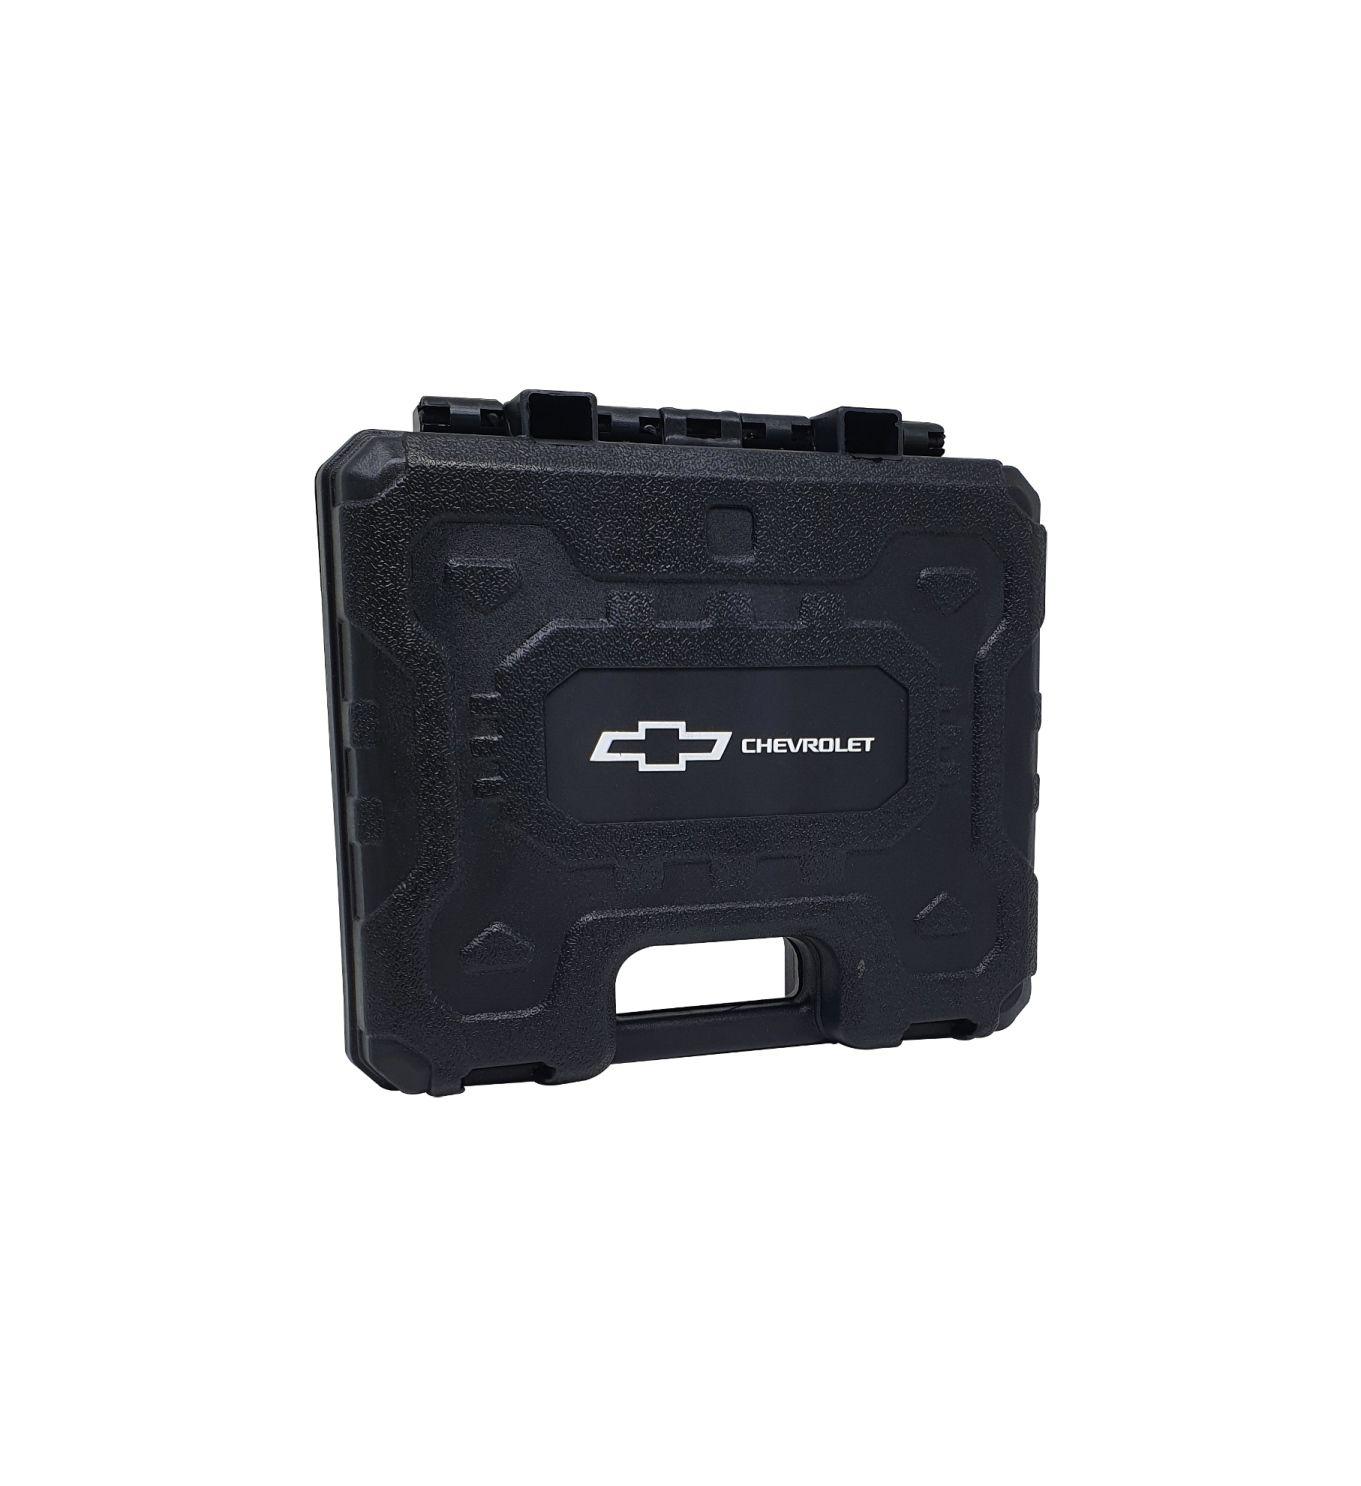 Parafusadeira Sem Fio 12V 1300RPM Chevrolet GM-3401  - MRE Ferramentas